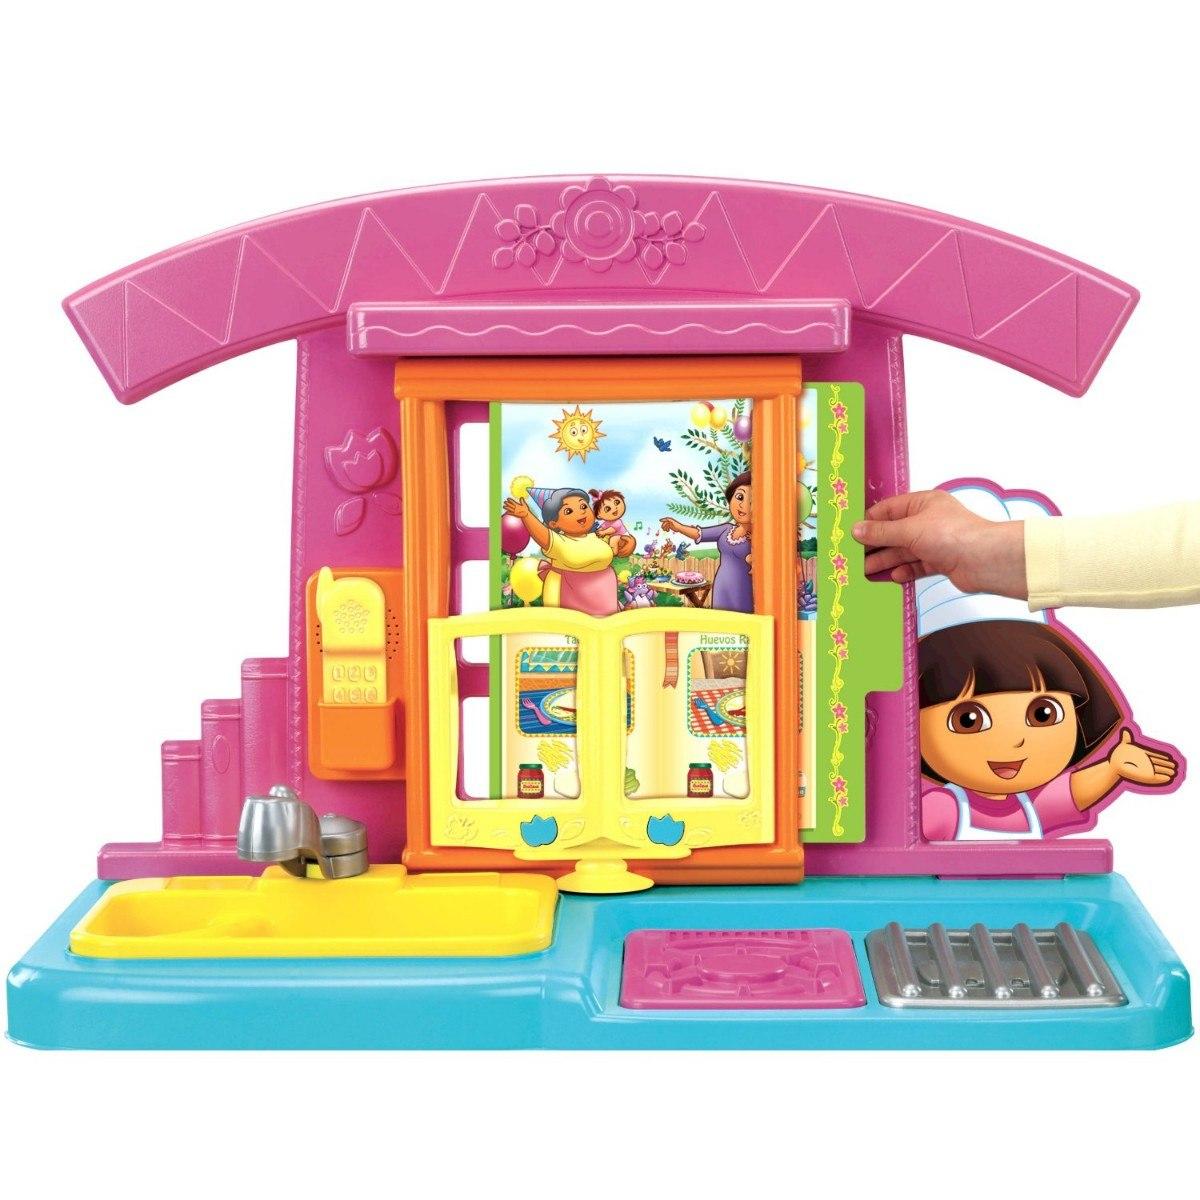 Cocina para ni as dora la exploradora fisher price - Dora la exploradora cocina ...